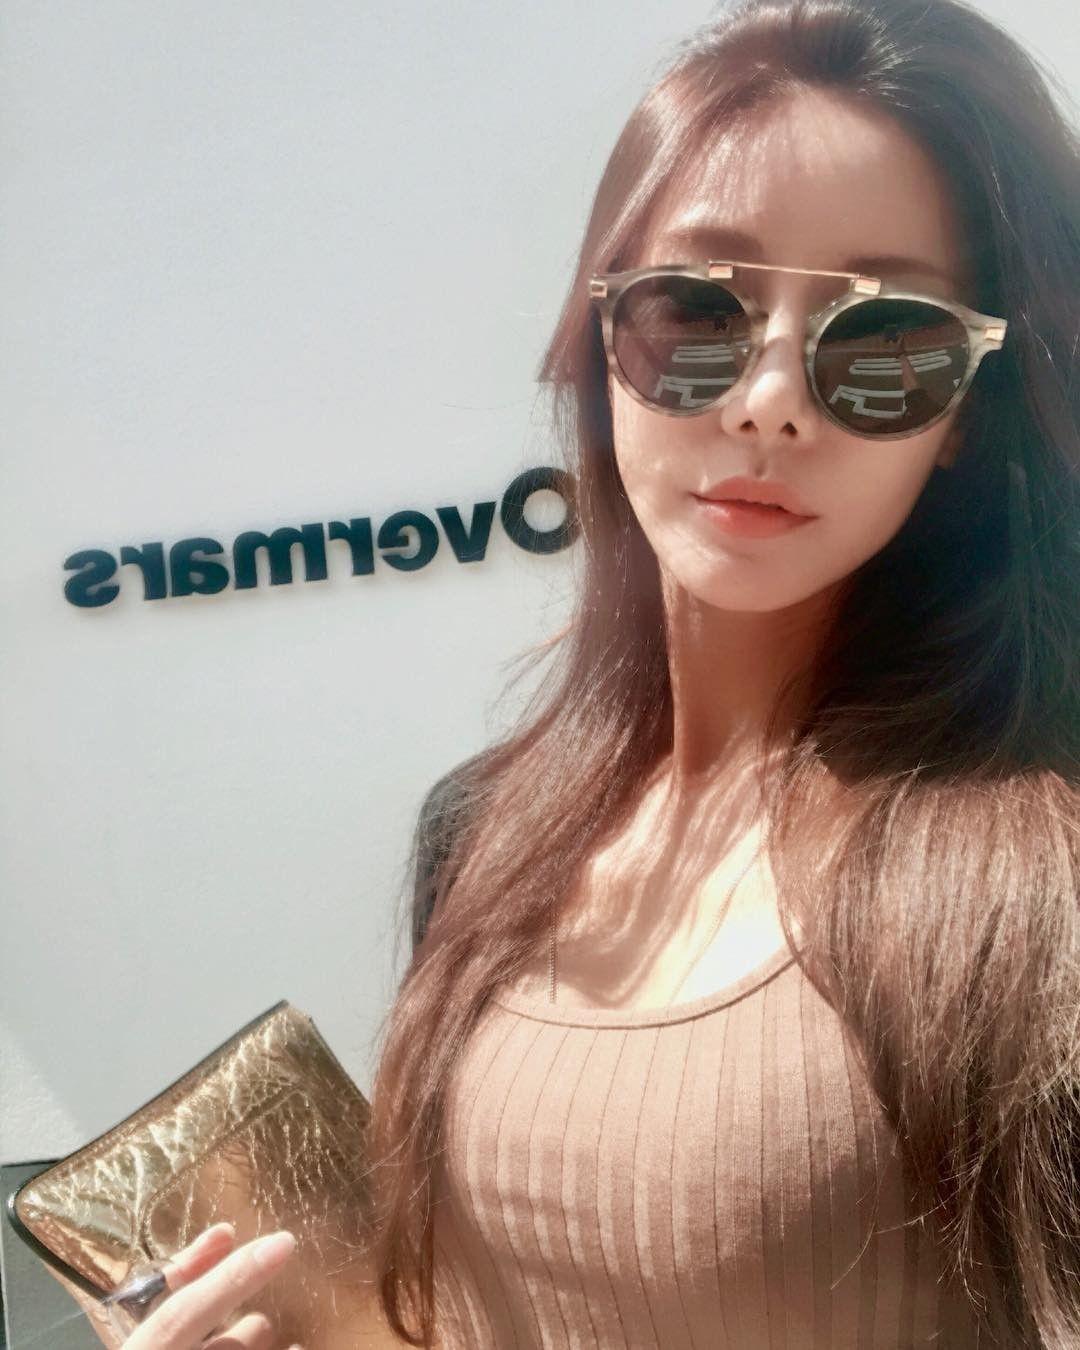 Jin, Sunglasses, Glasses